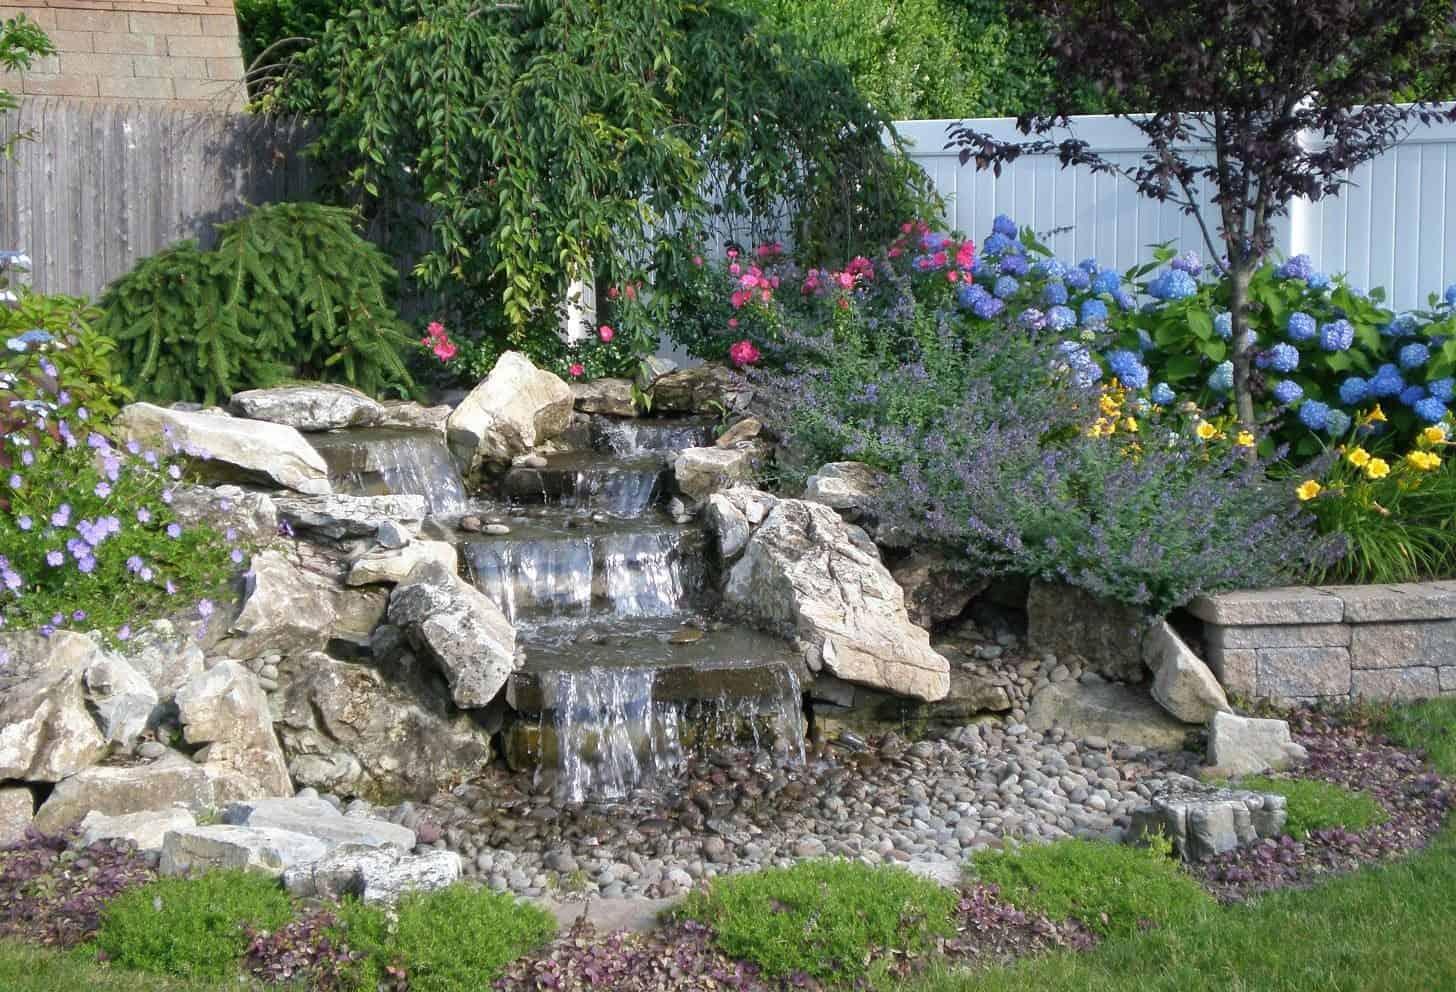 5' Moss Rock Pondless Waterfall - Massapequa, Long Island NY